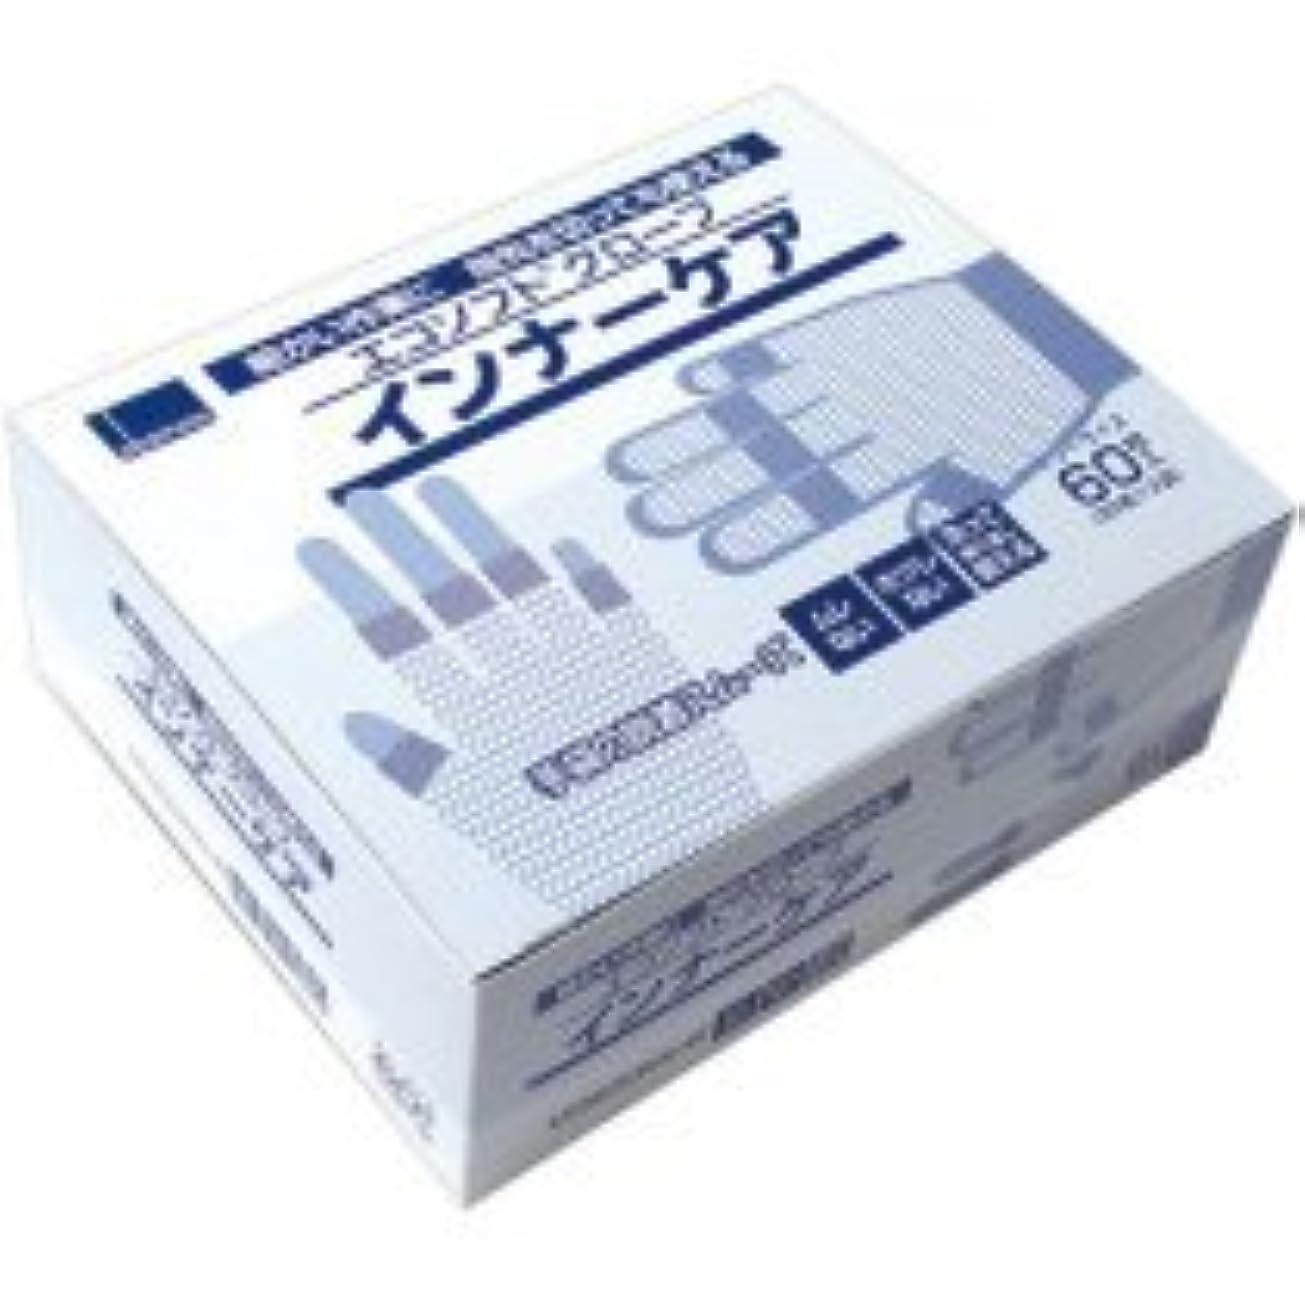 エコソフトグローブインナーケア OM-920(???)60???? オカモト